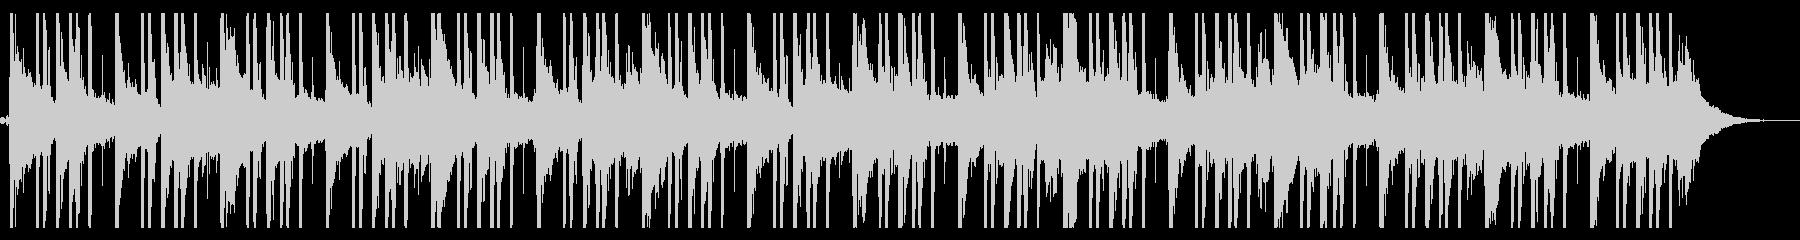 ローファイ/Hiphop_No382_2の未再生の波形